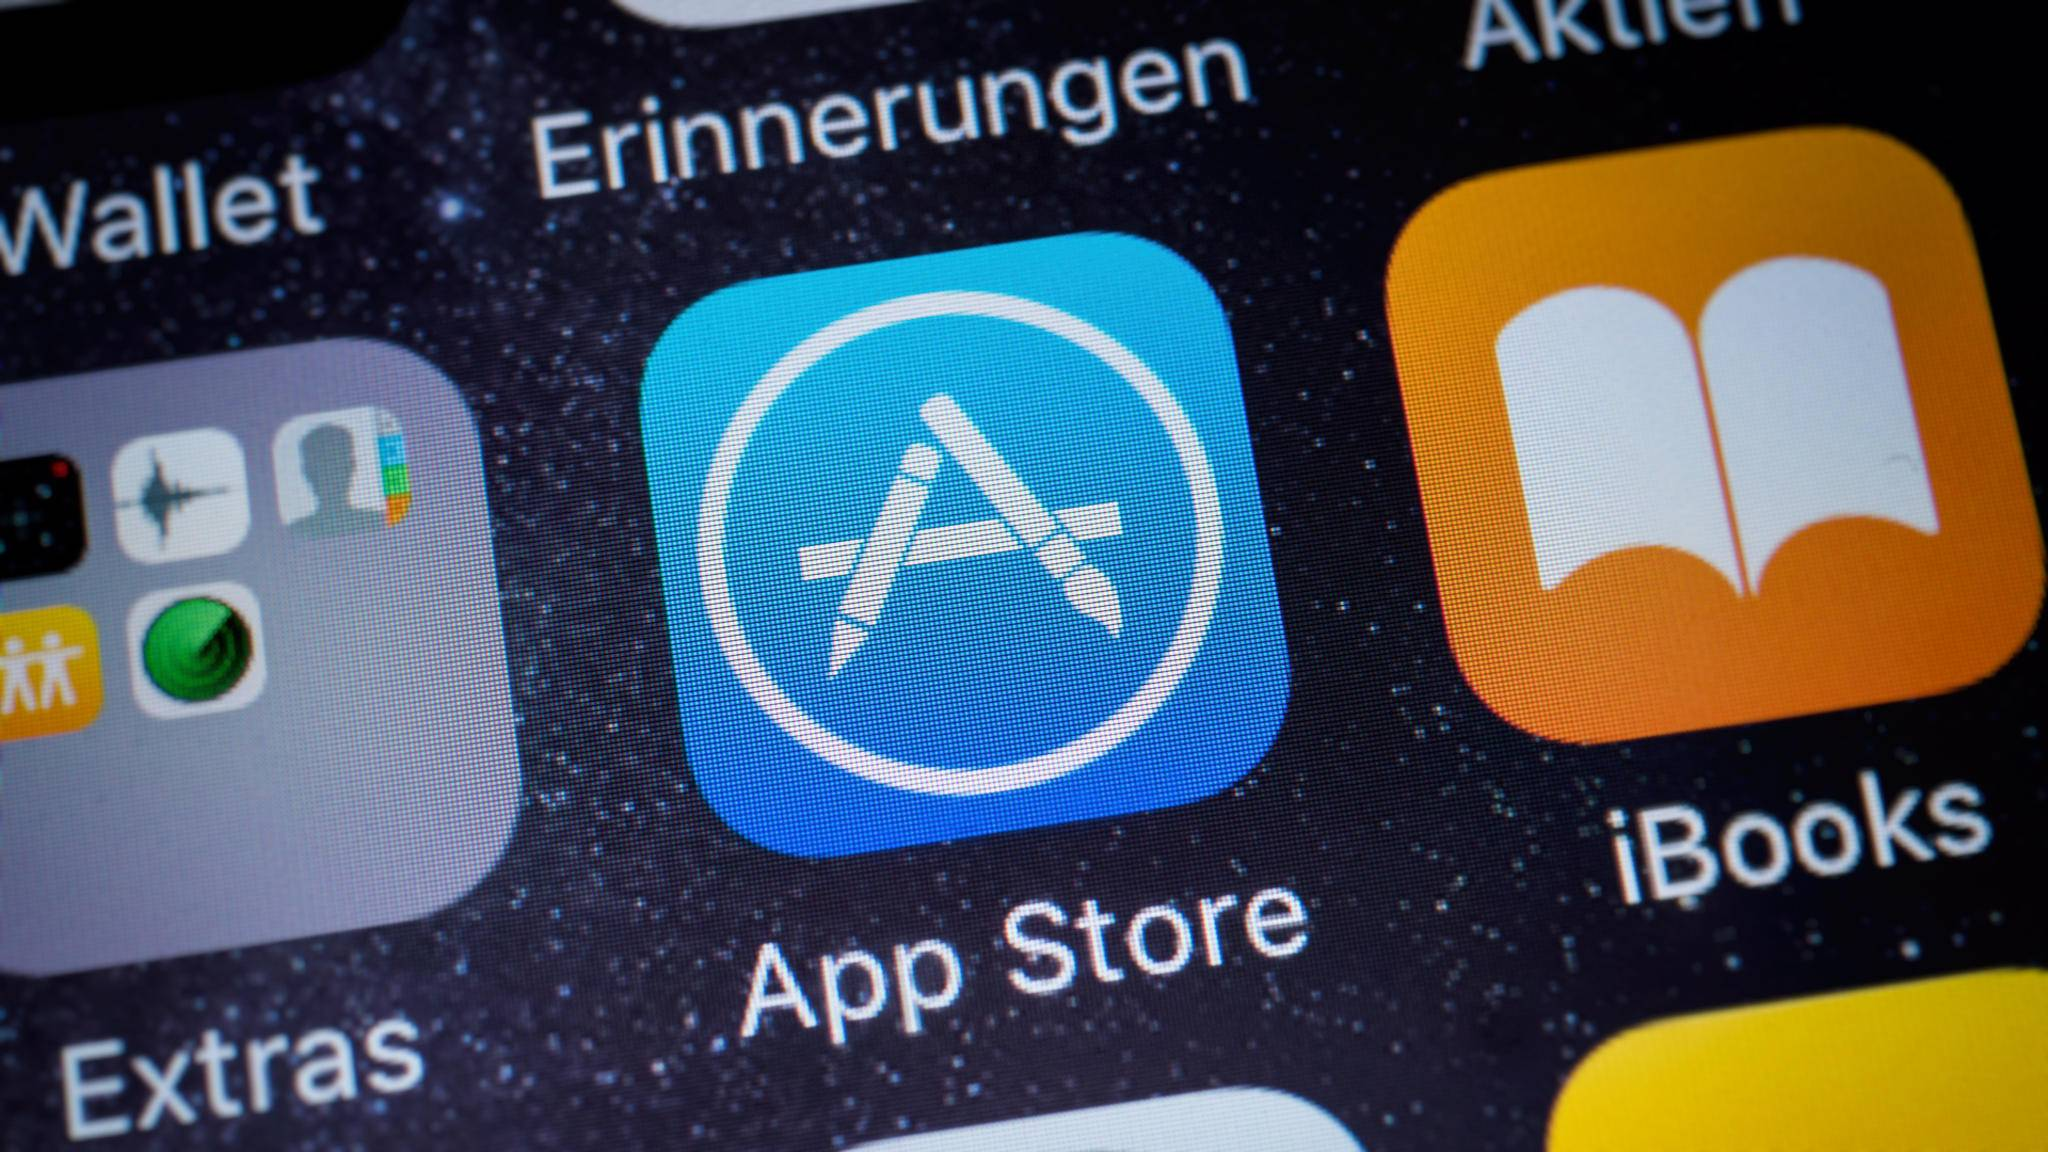 Apple wirft Anwendungen aus dem App Store, die Standortdaten unerlaubt weitergeben.